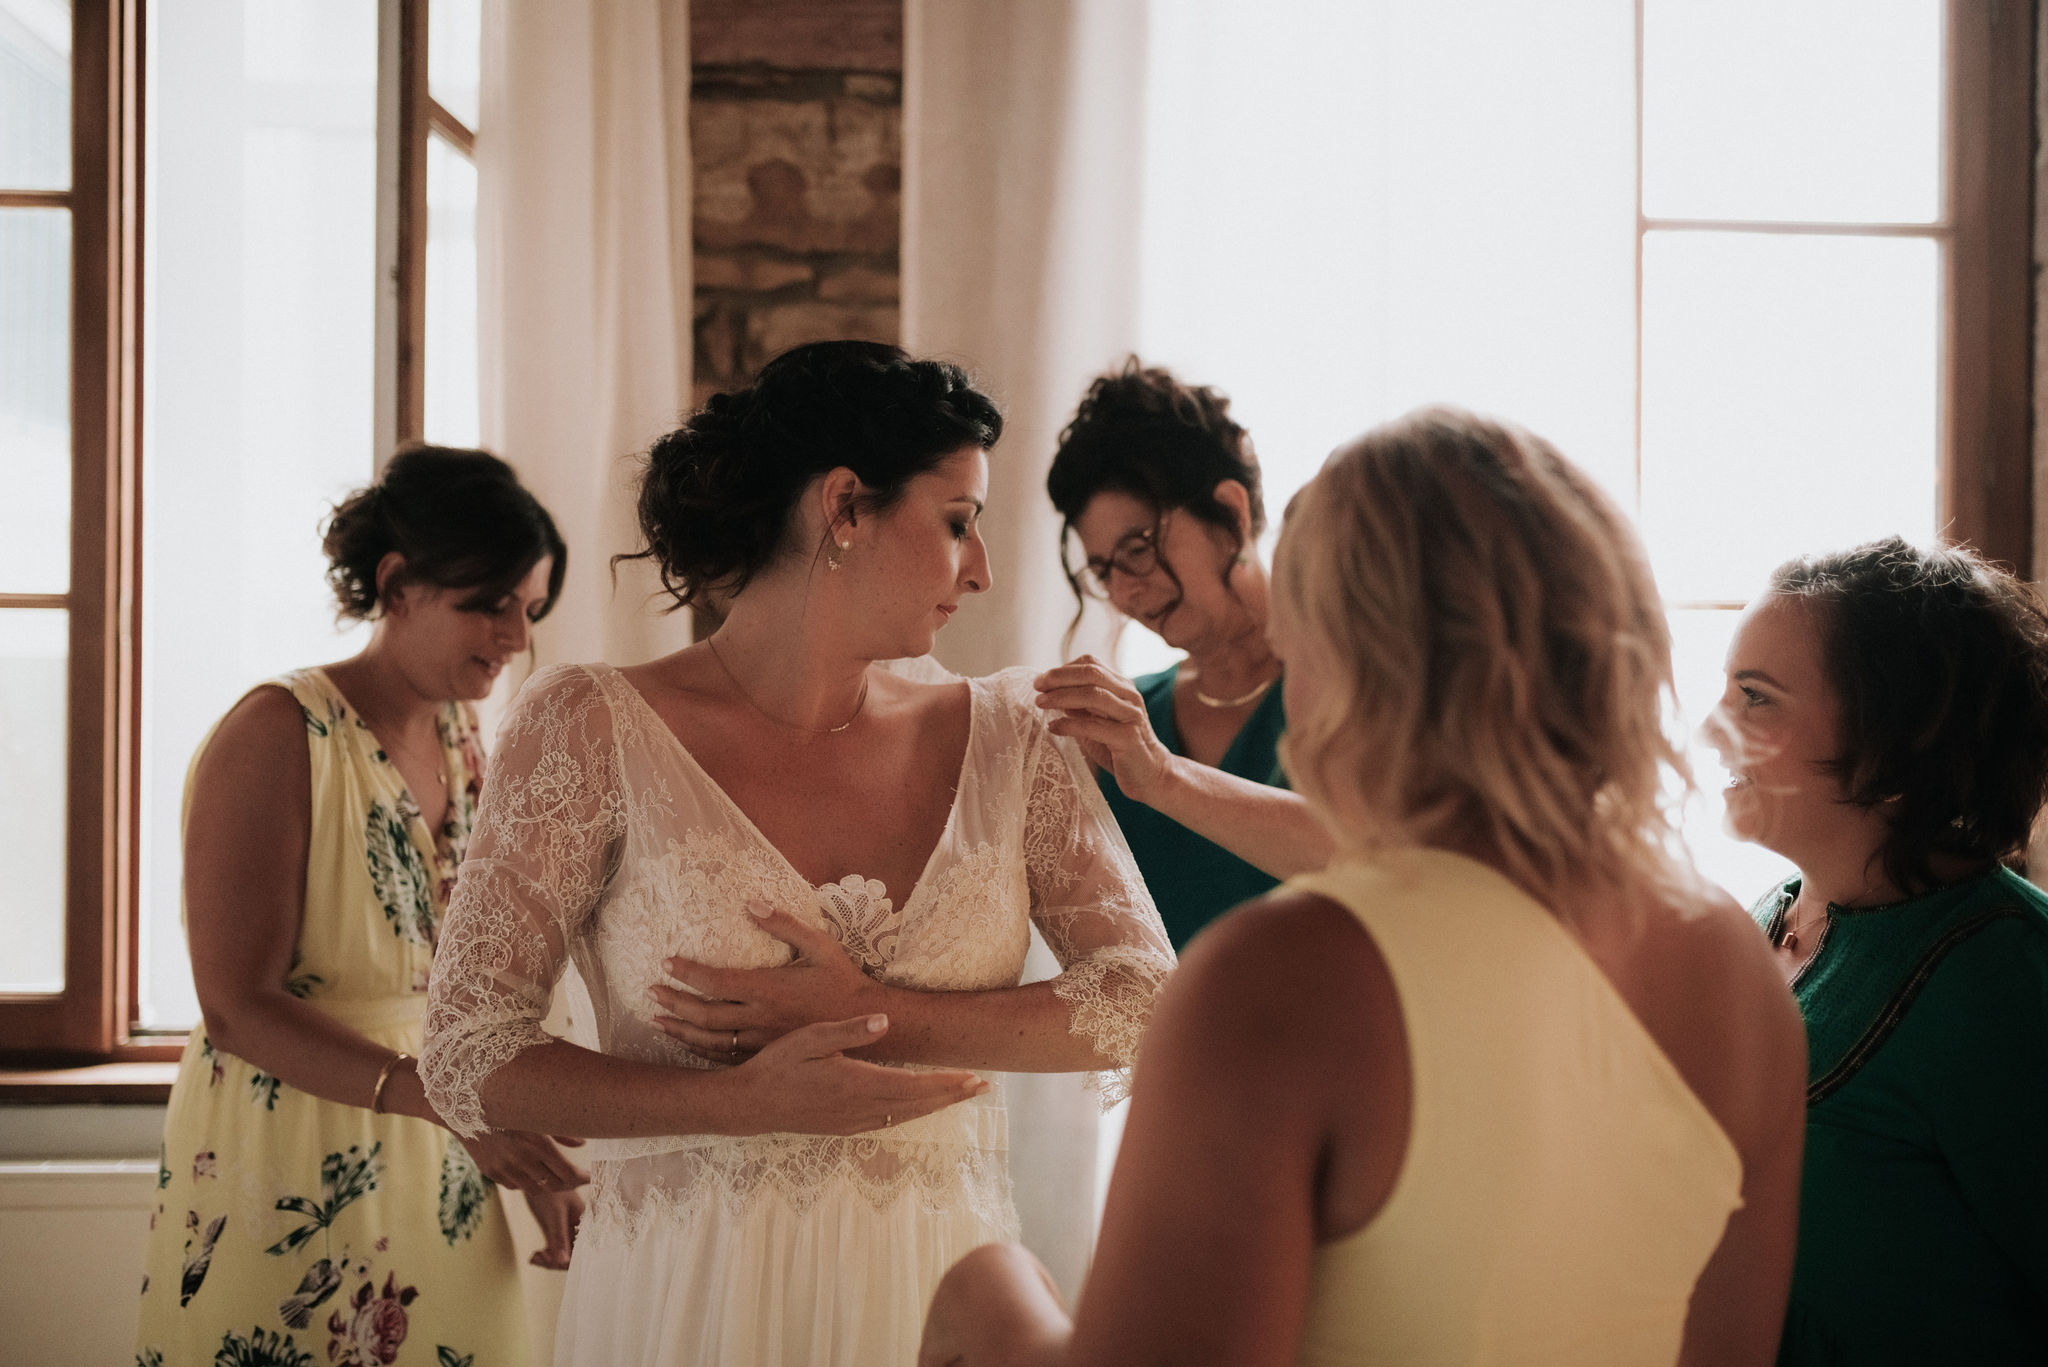 Léa-Fery-photographe-professionnel-lyon-rhone-alpes-portrait-creation-mariage-evenement-evenementiel-famille-5433.jpg